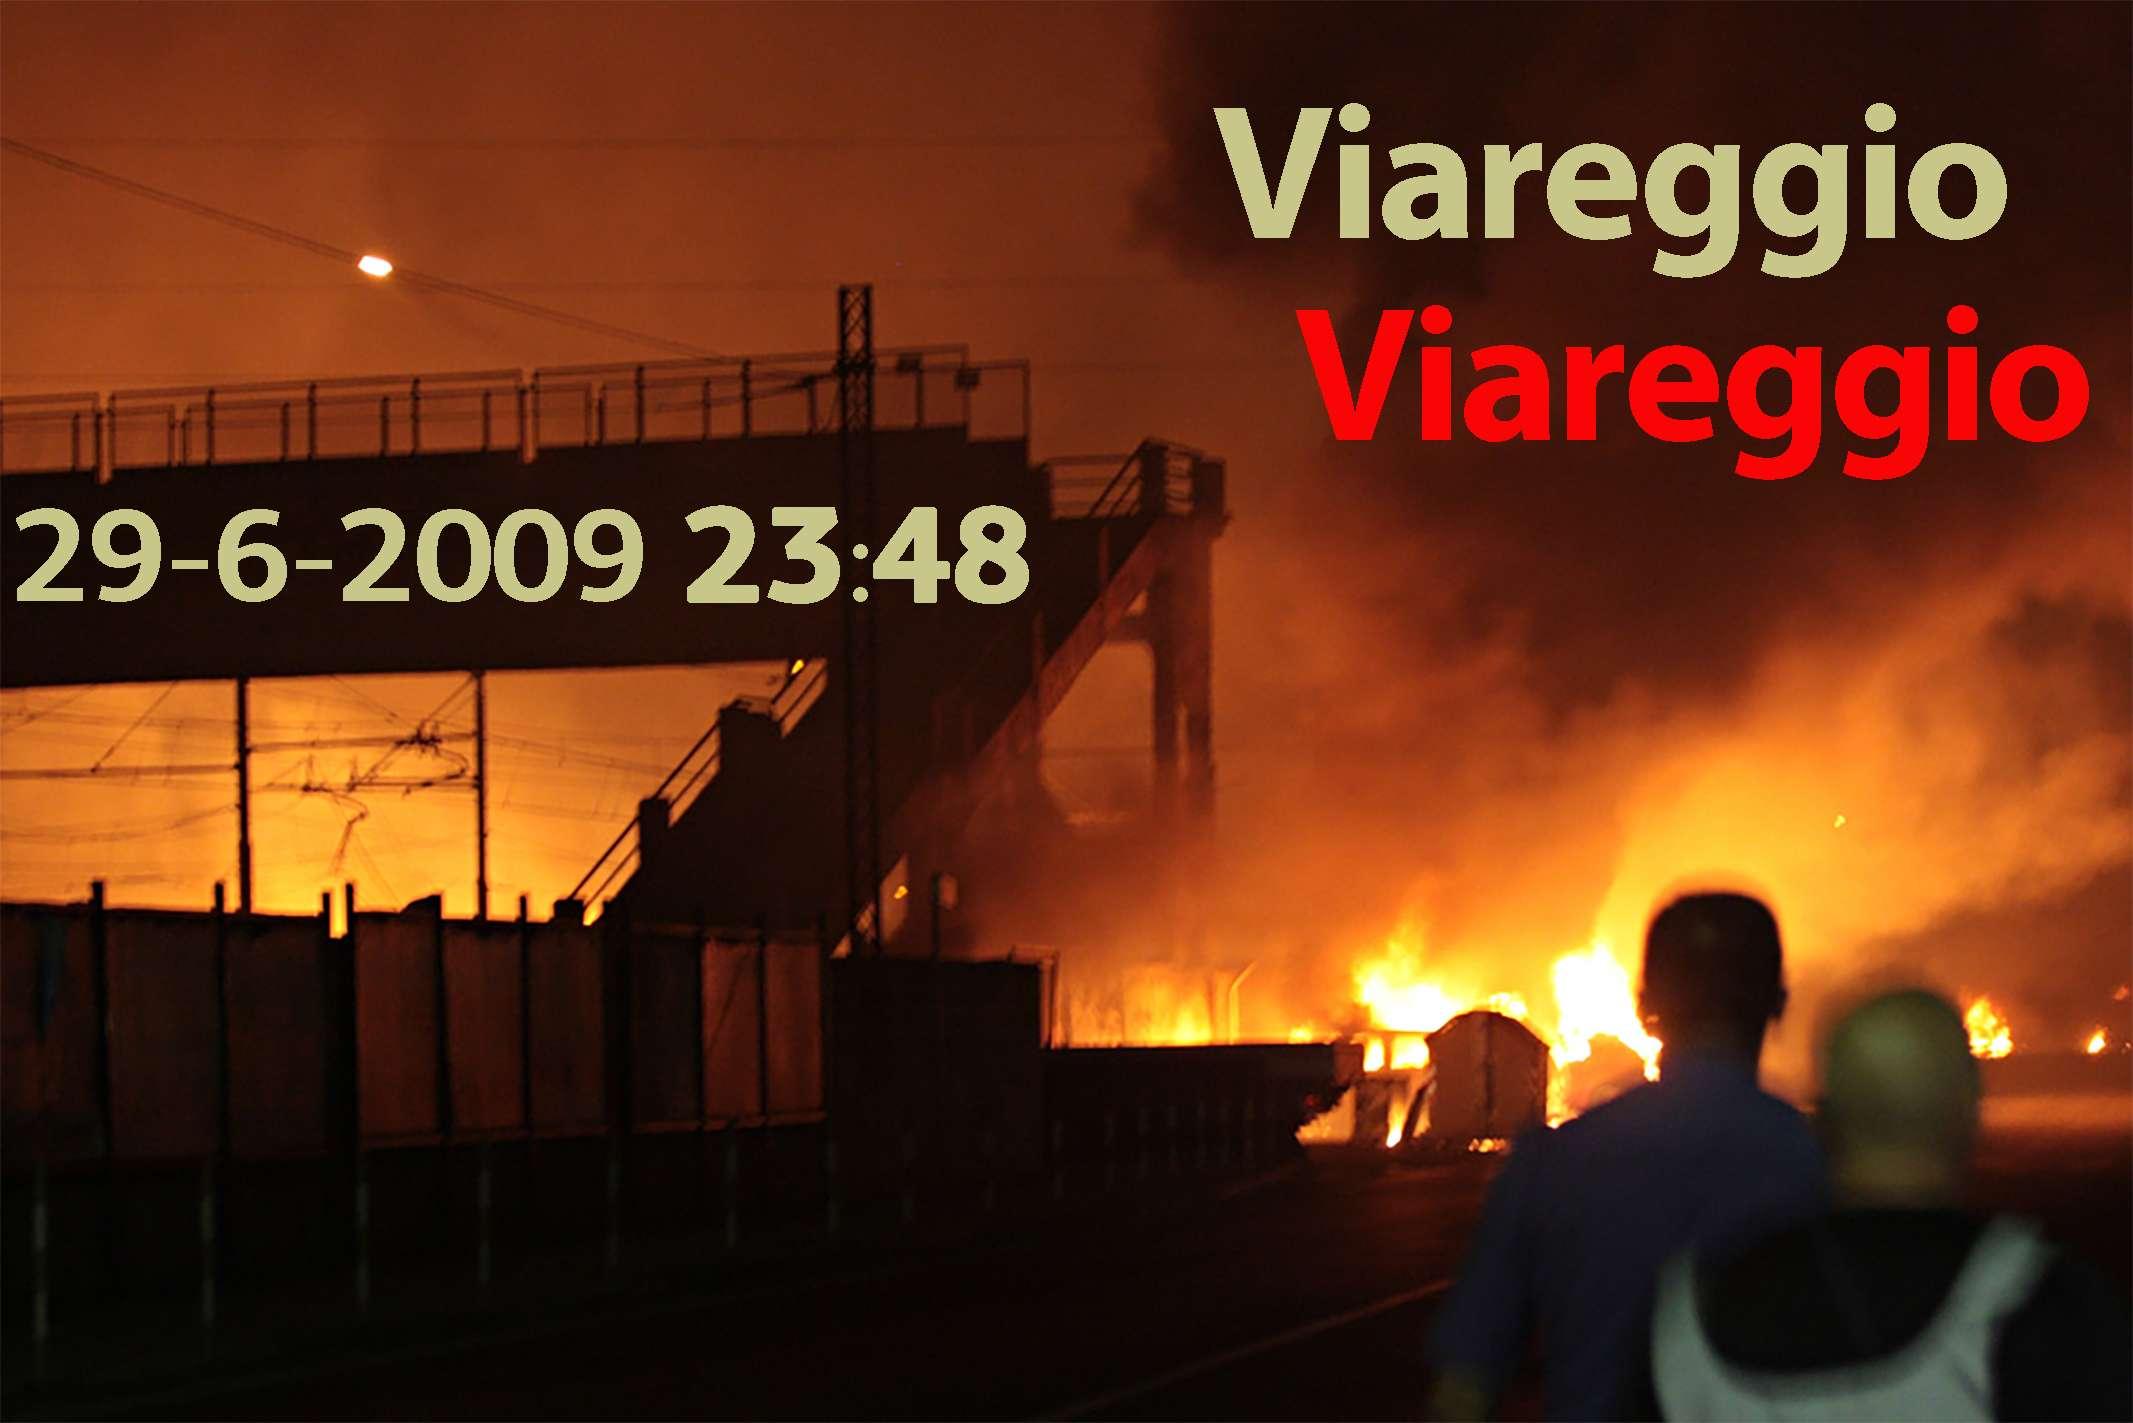 Strage Viareggio 29 6 2009 23 48 1